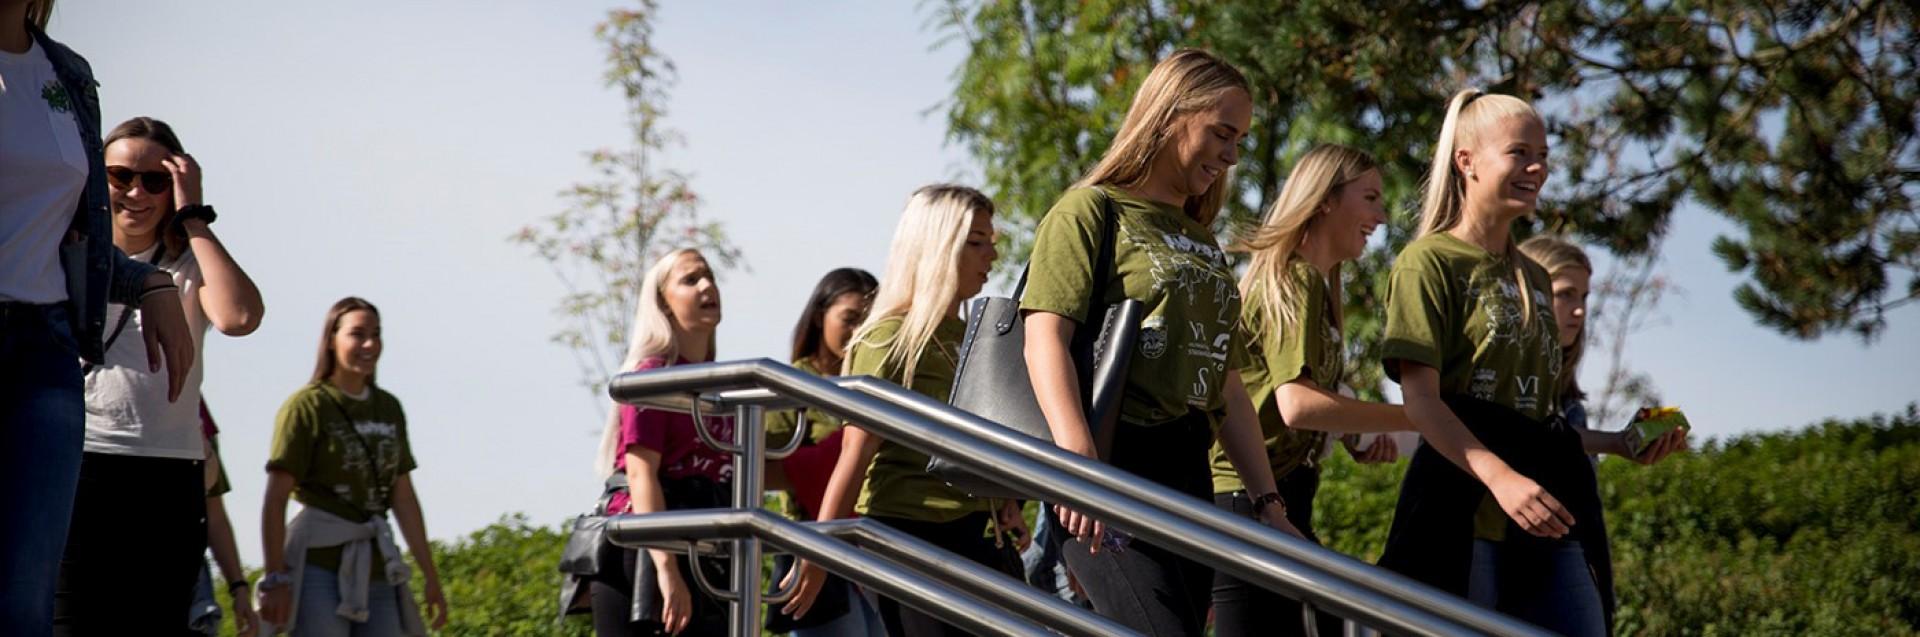 Studenter i trapp ute på campus_studiestart august